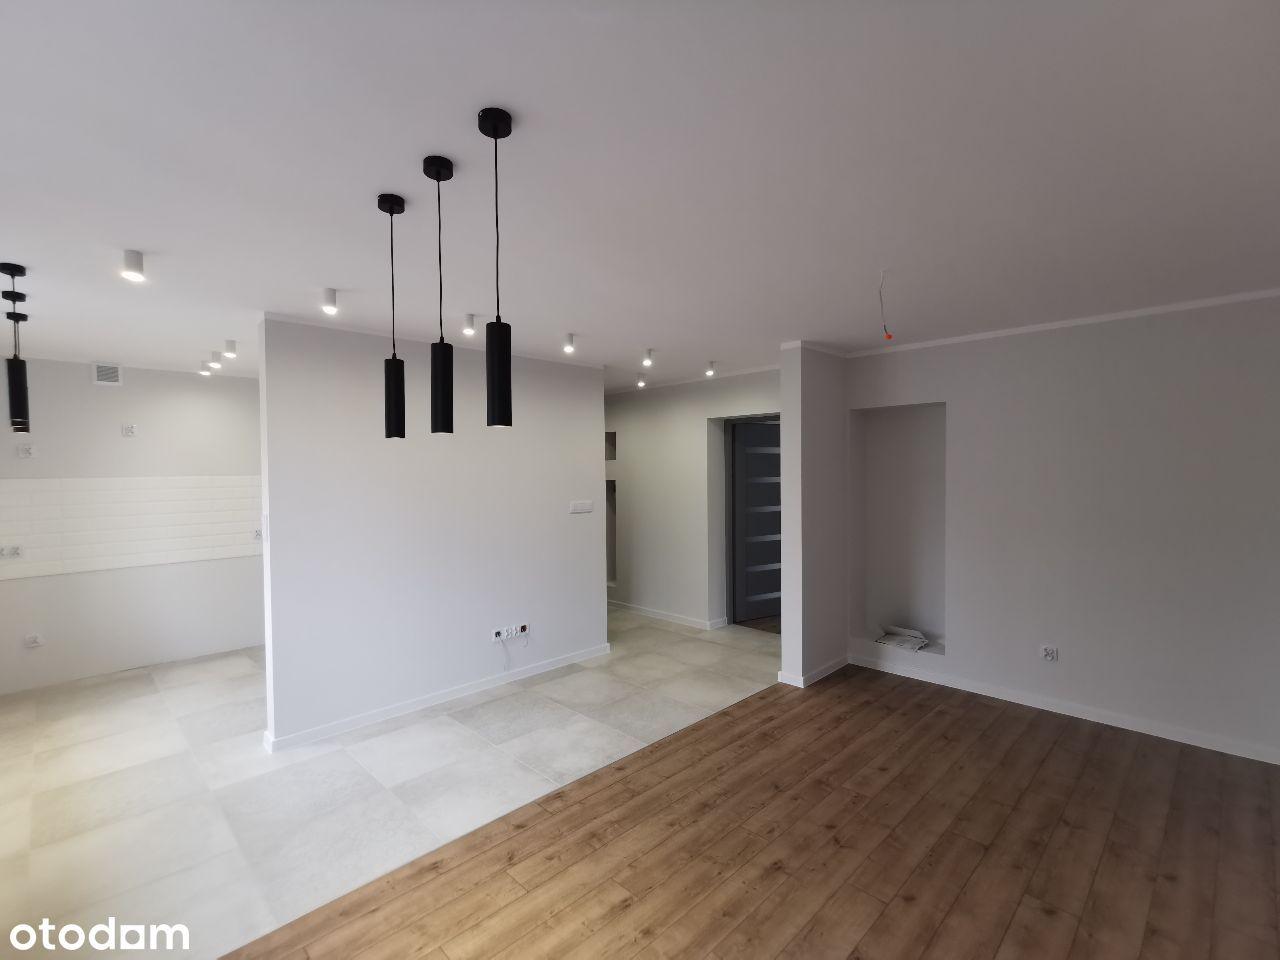 Mieszkanie po generalnym remoncie, 2 pok, balkon